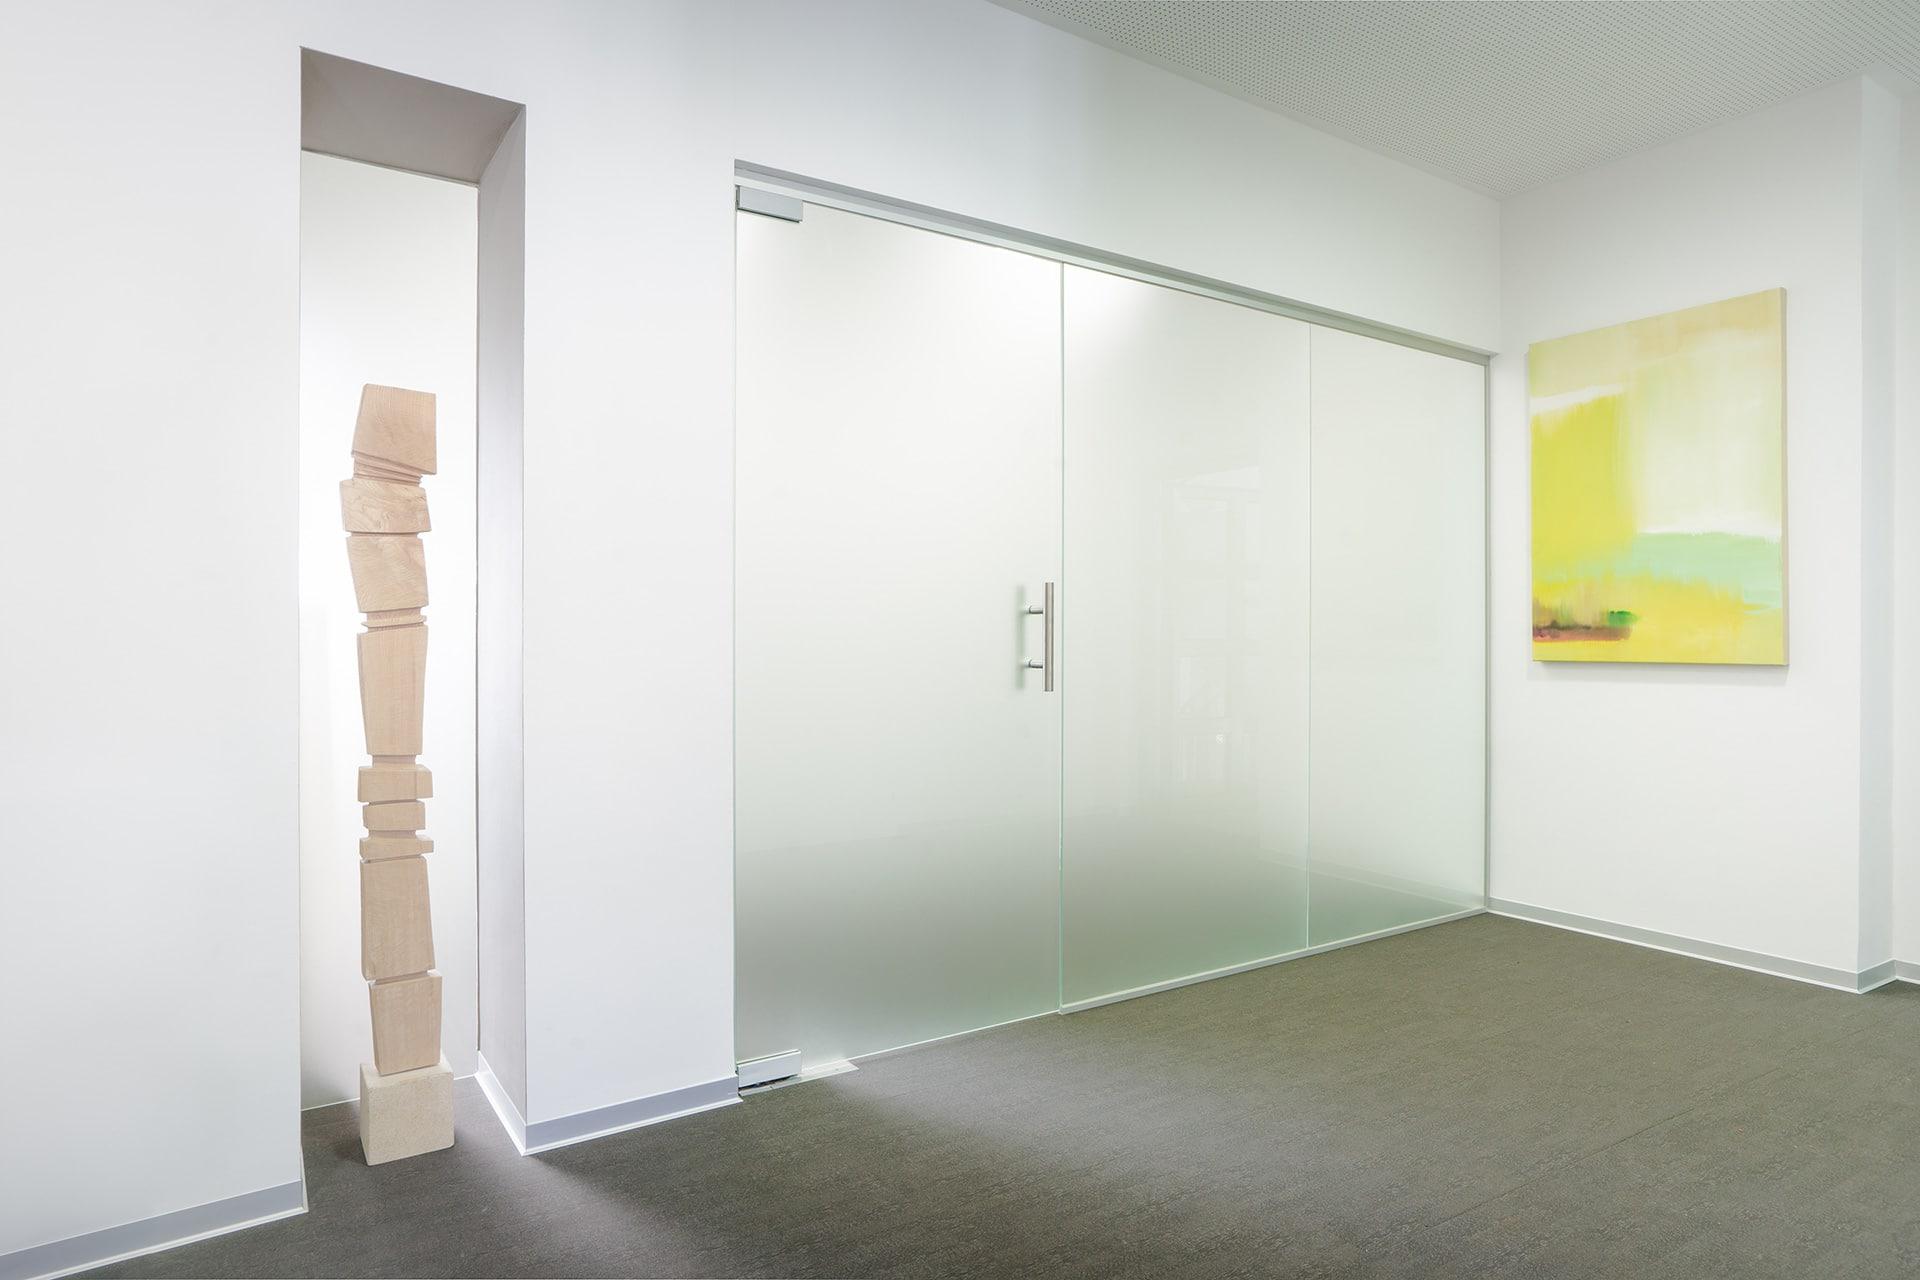 Raiffeisenbank - Türen und Trennwand aus Glas